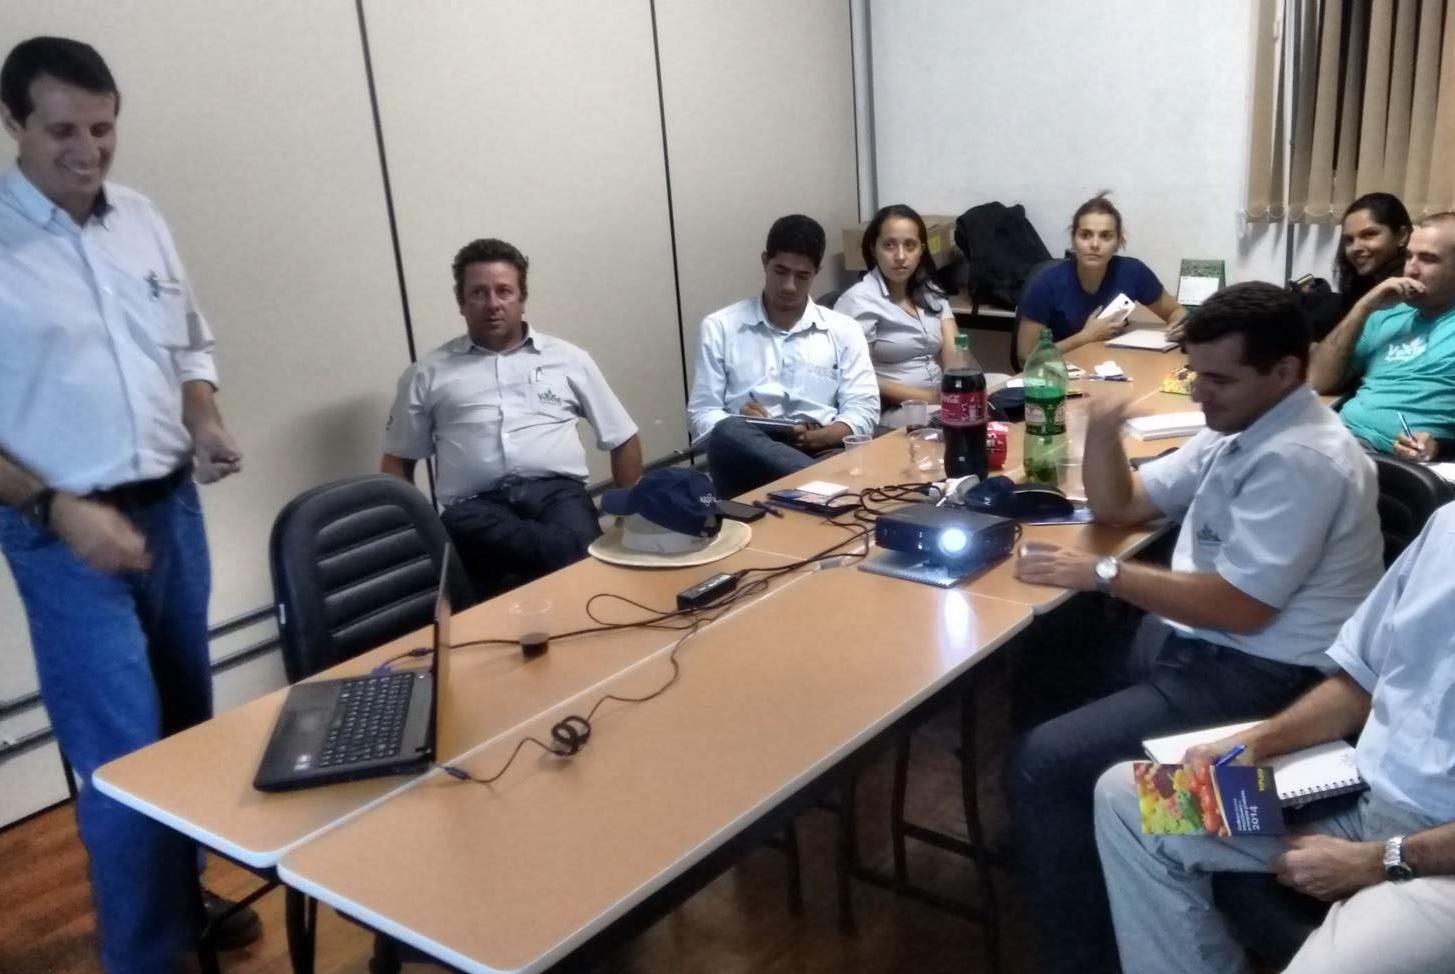 Topseed Premium realiza treinamento em revenda parceira de Brasília (DF)